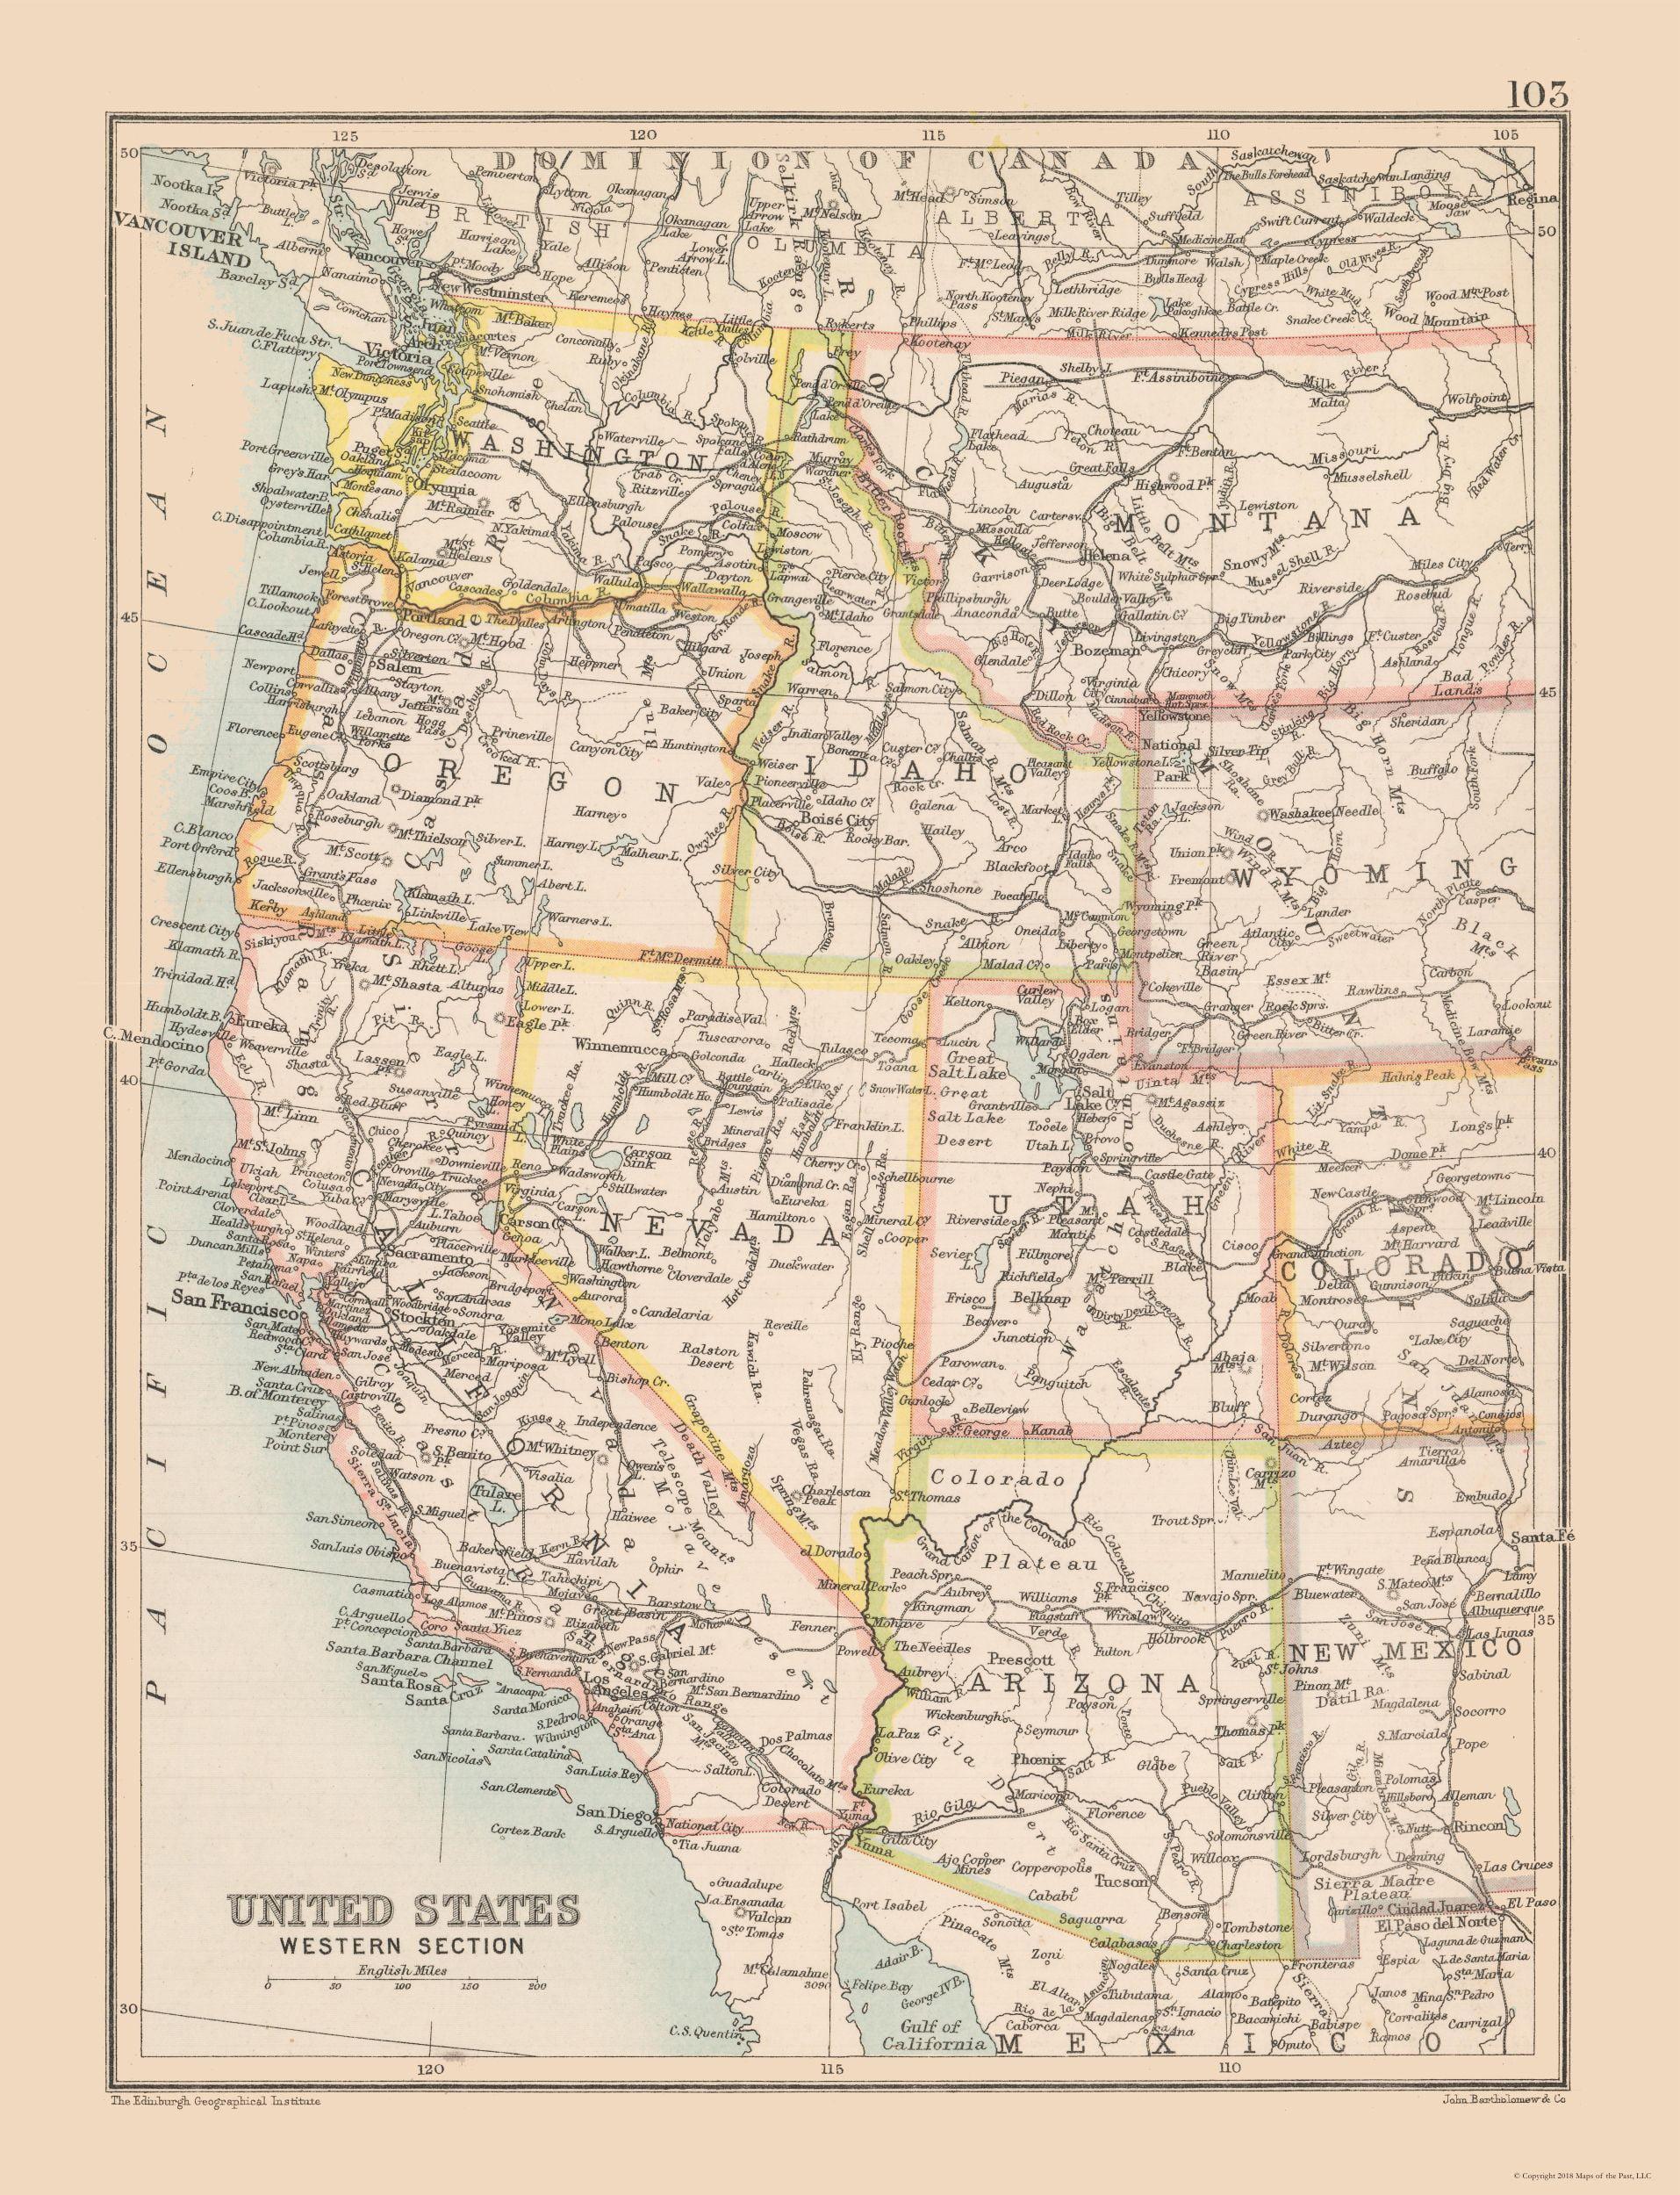 Western United States - Bartholomew 1892 - 23 x 30.04